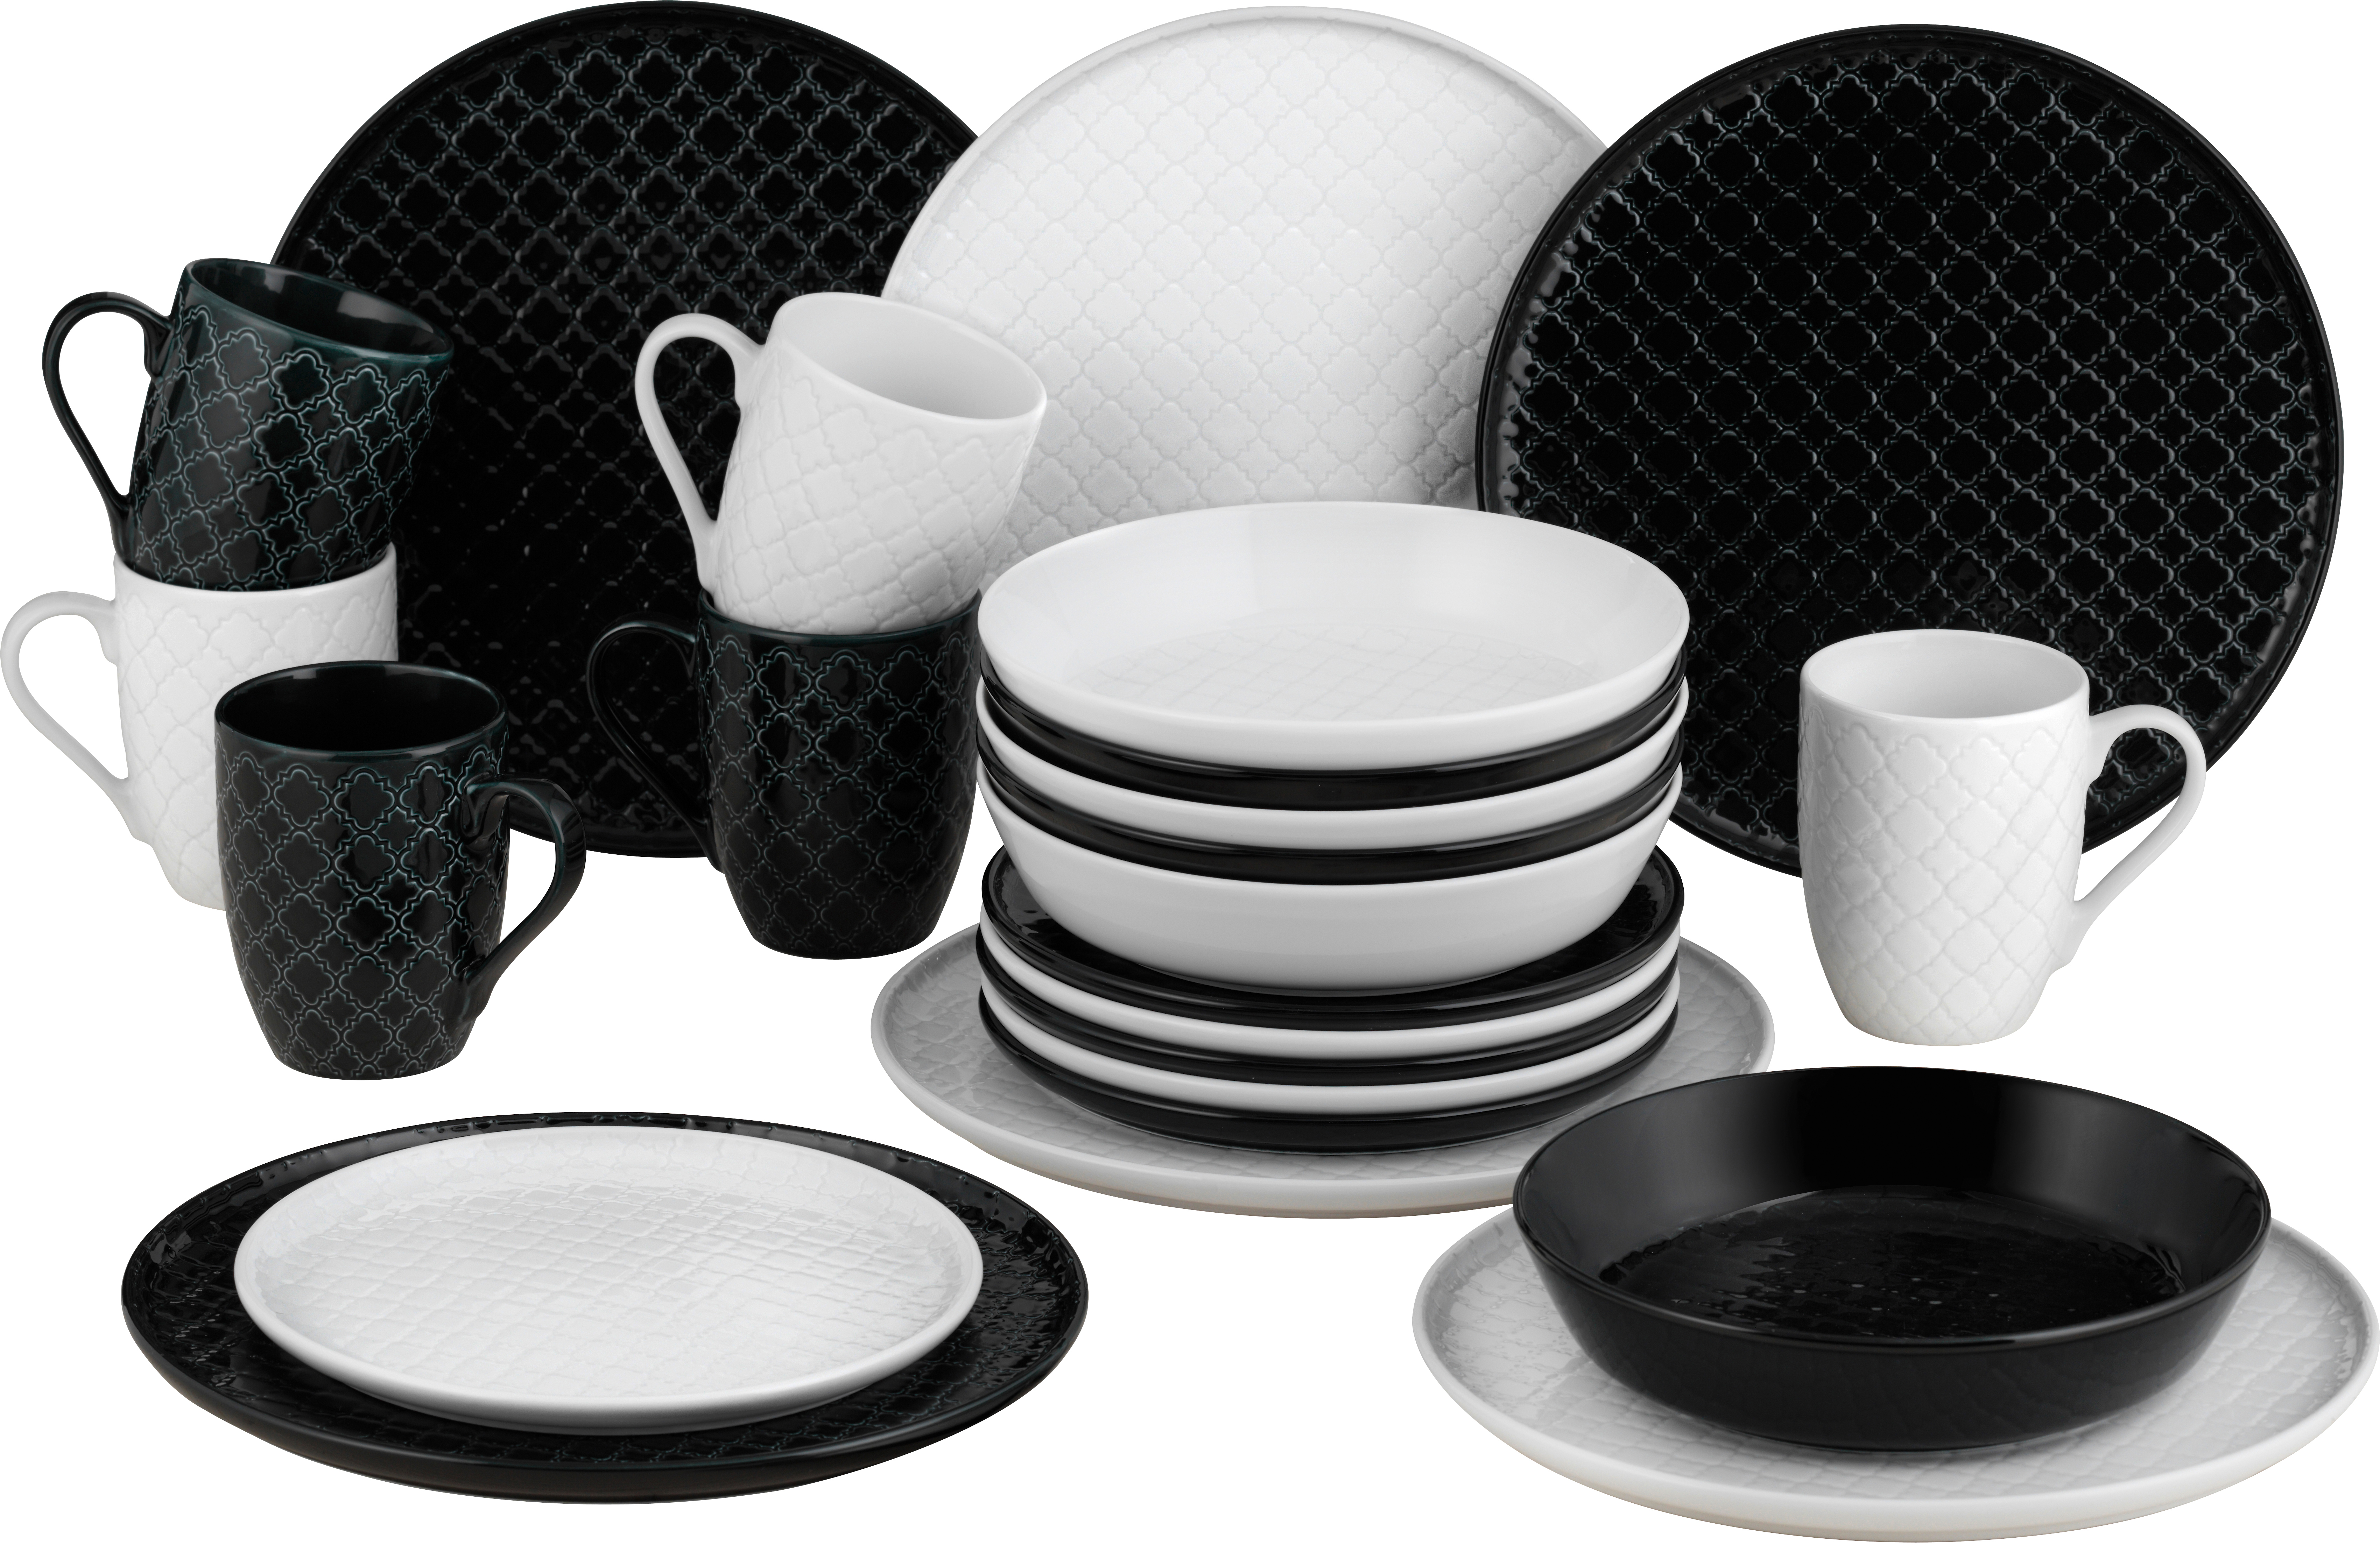 Van Well Kombiservice Black White 24 Tlg Porzellan Geschirr Sets Ebay